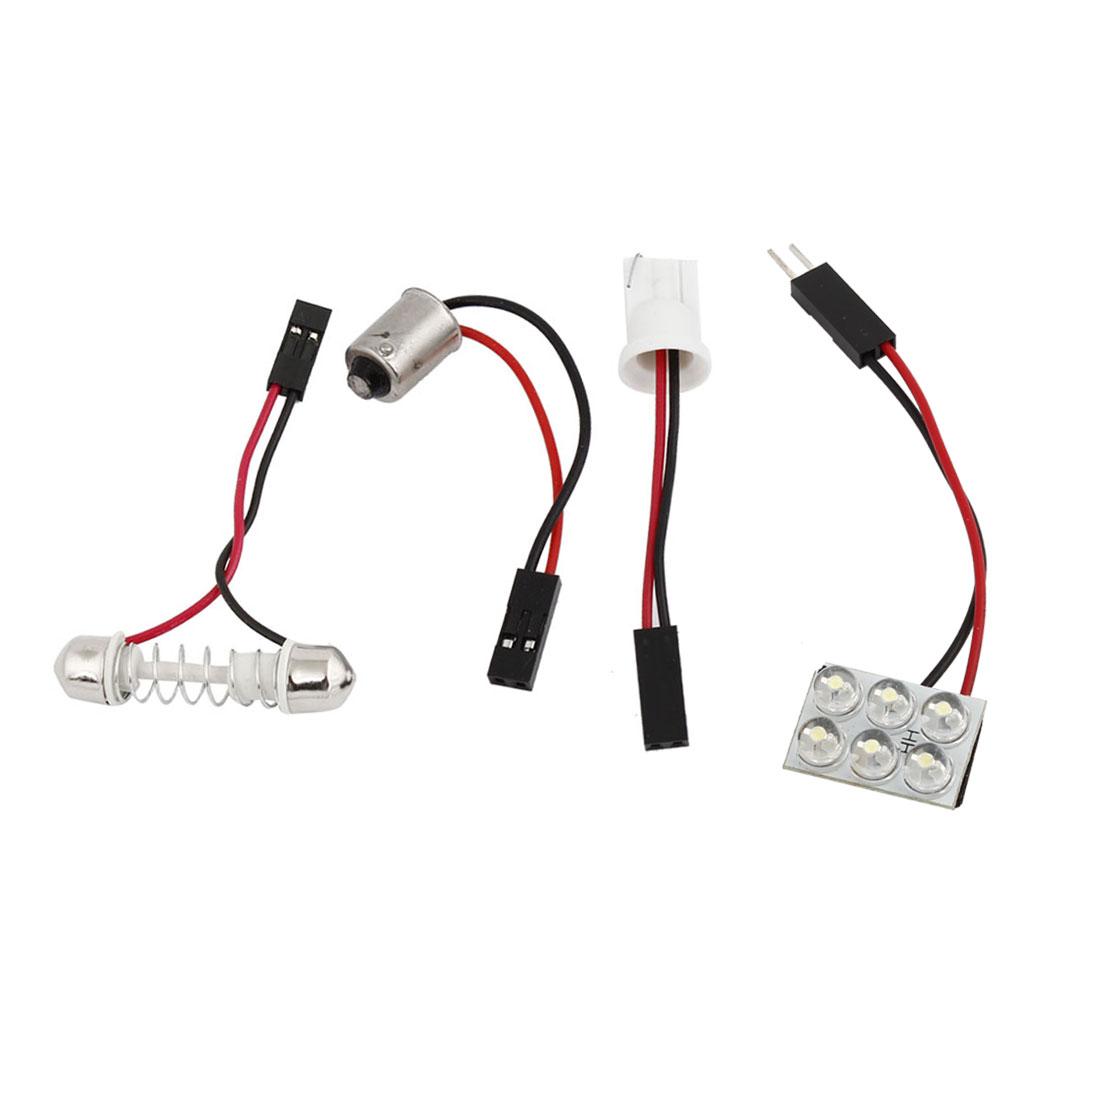 Festoon Base BA9S T10 Adaper White 6 LED Car Dome LED Map Light Bulb Internal 12V